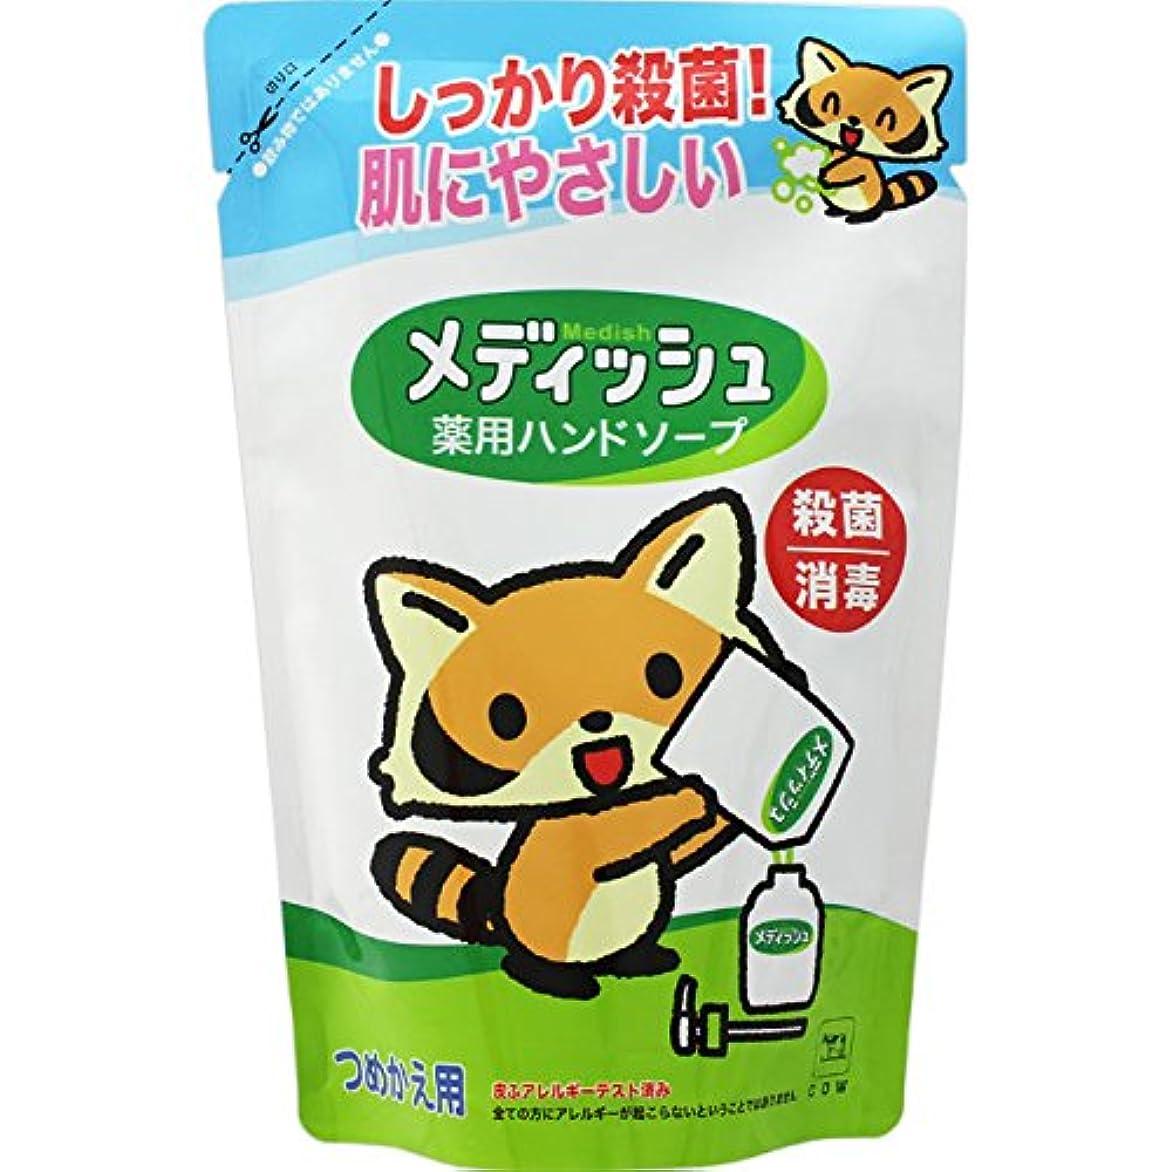 堤防過敏な換気する牛乳石鹸共進社 メディッシュ薬用ハンドソープ 詰替え 220ml